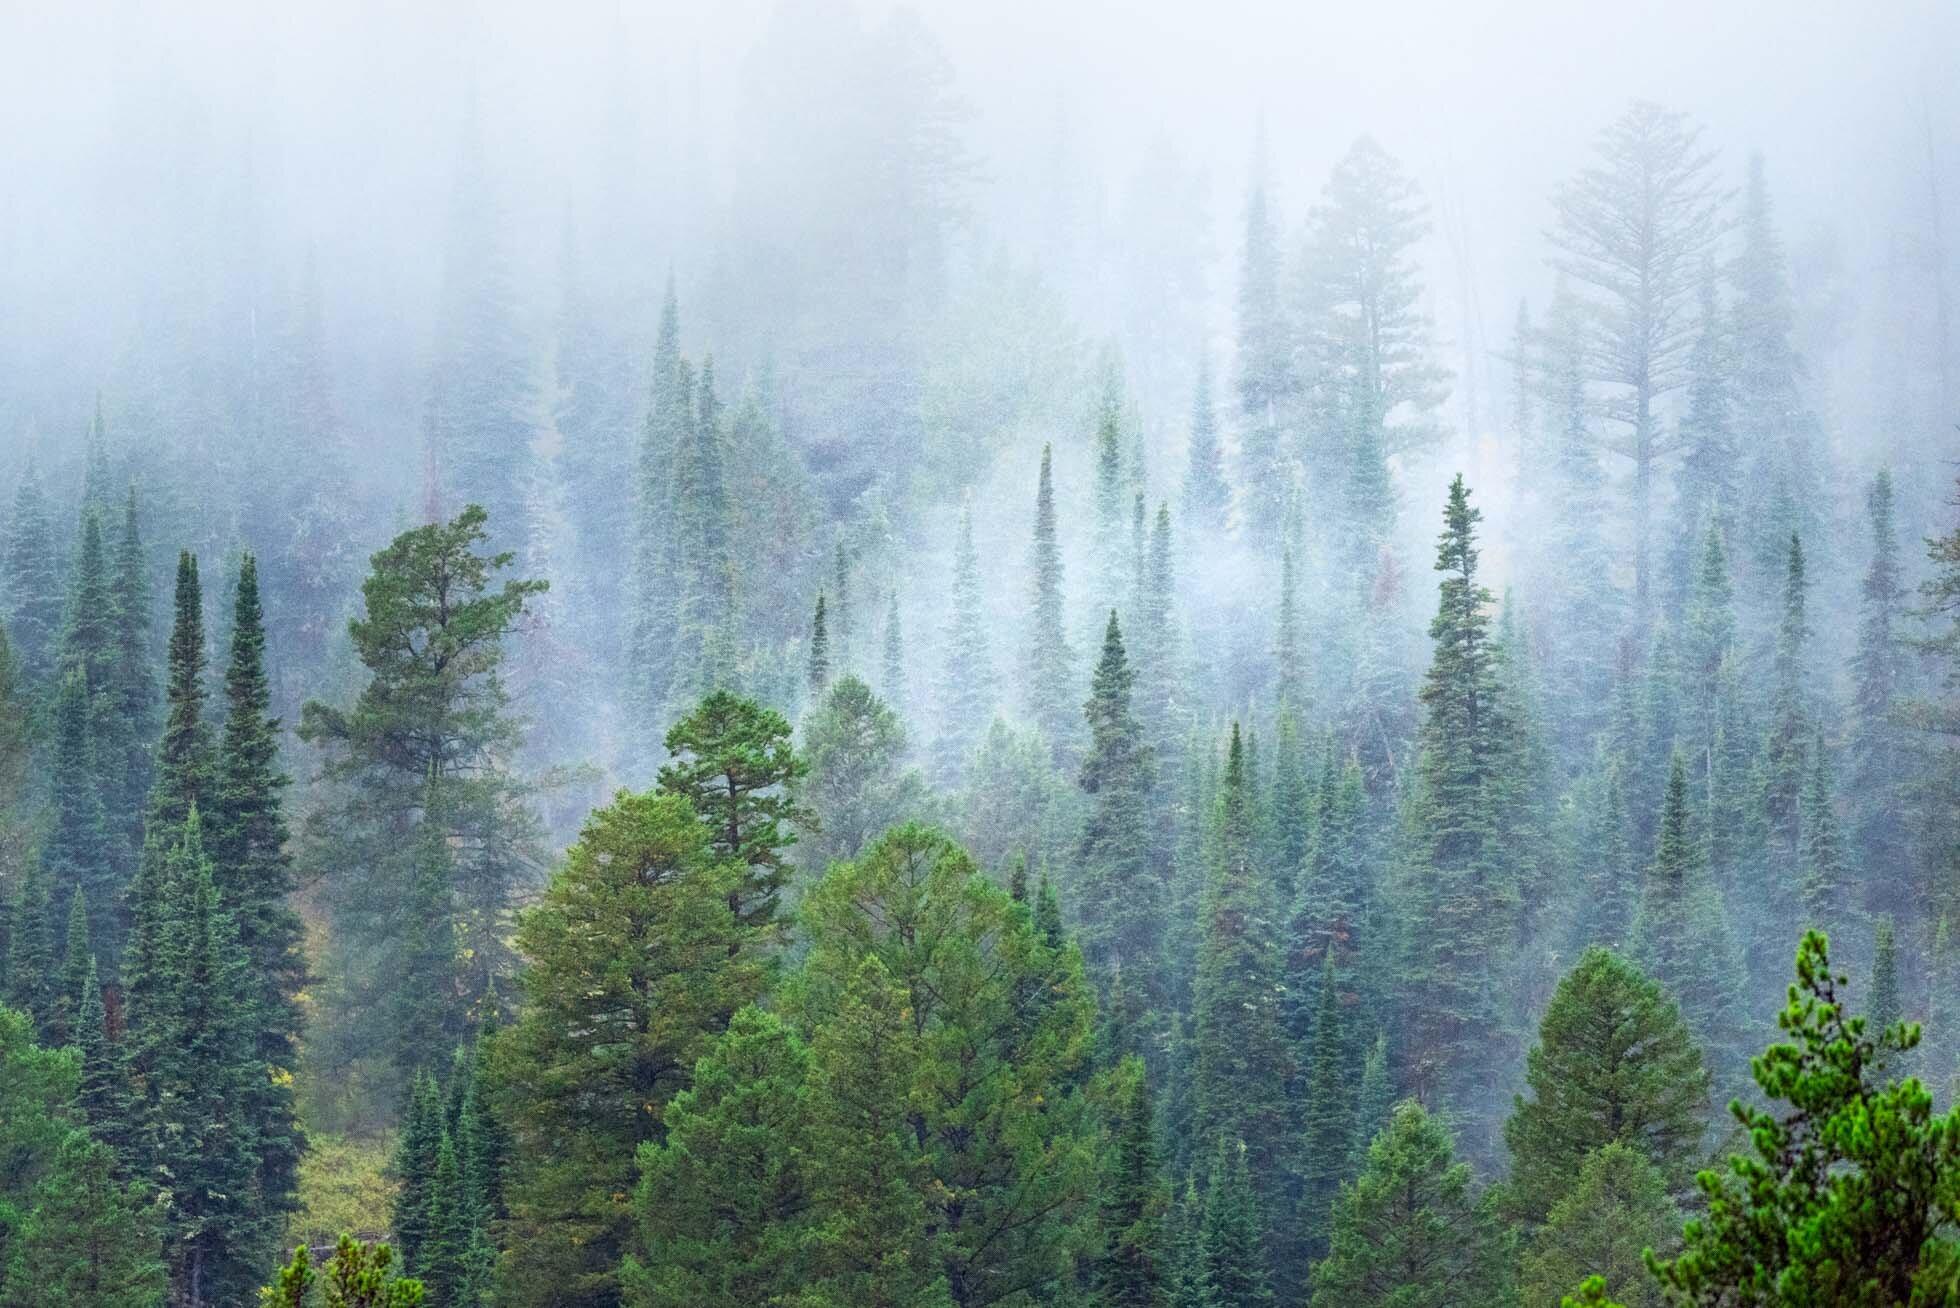 Trees & Fog-001.jpg